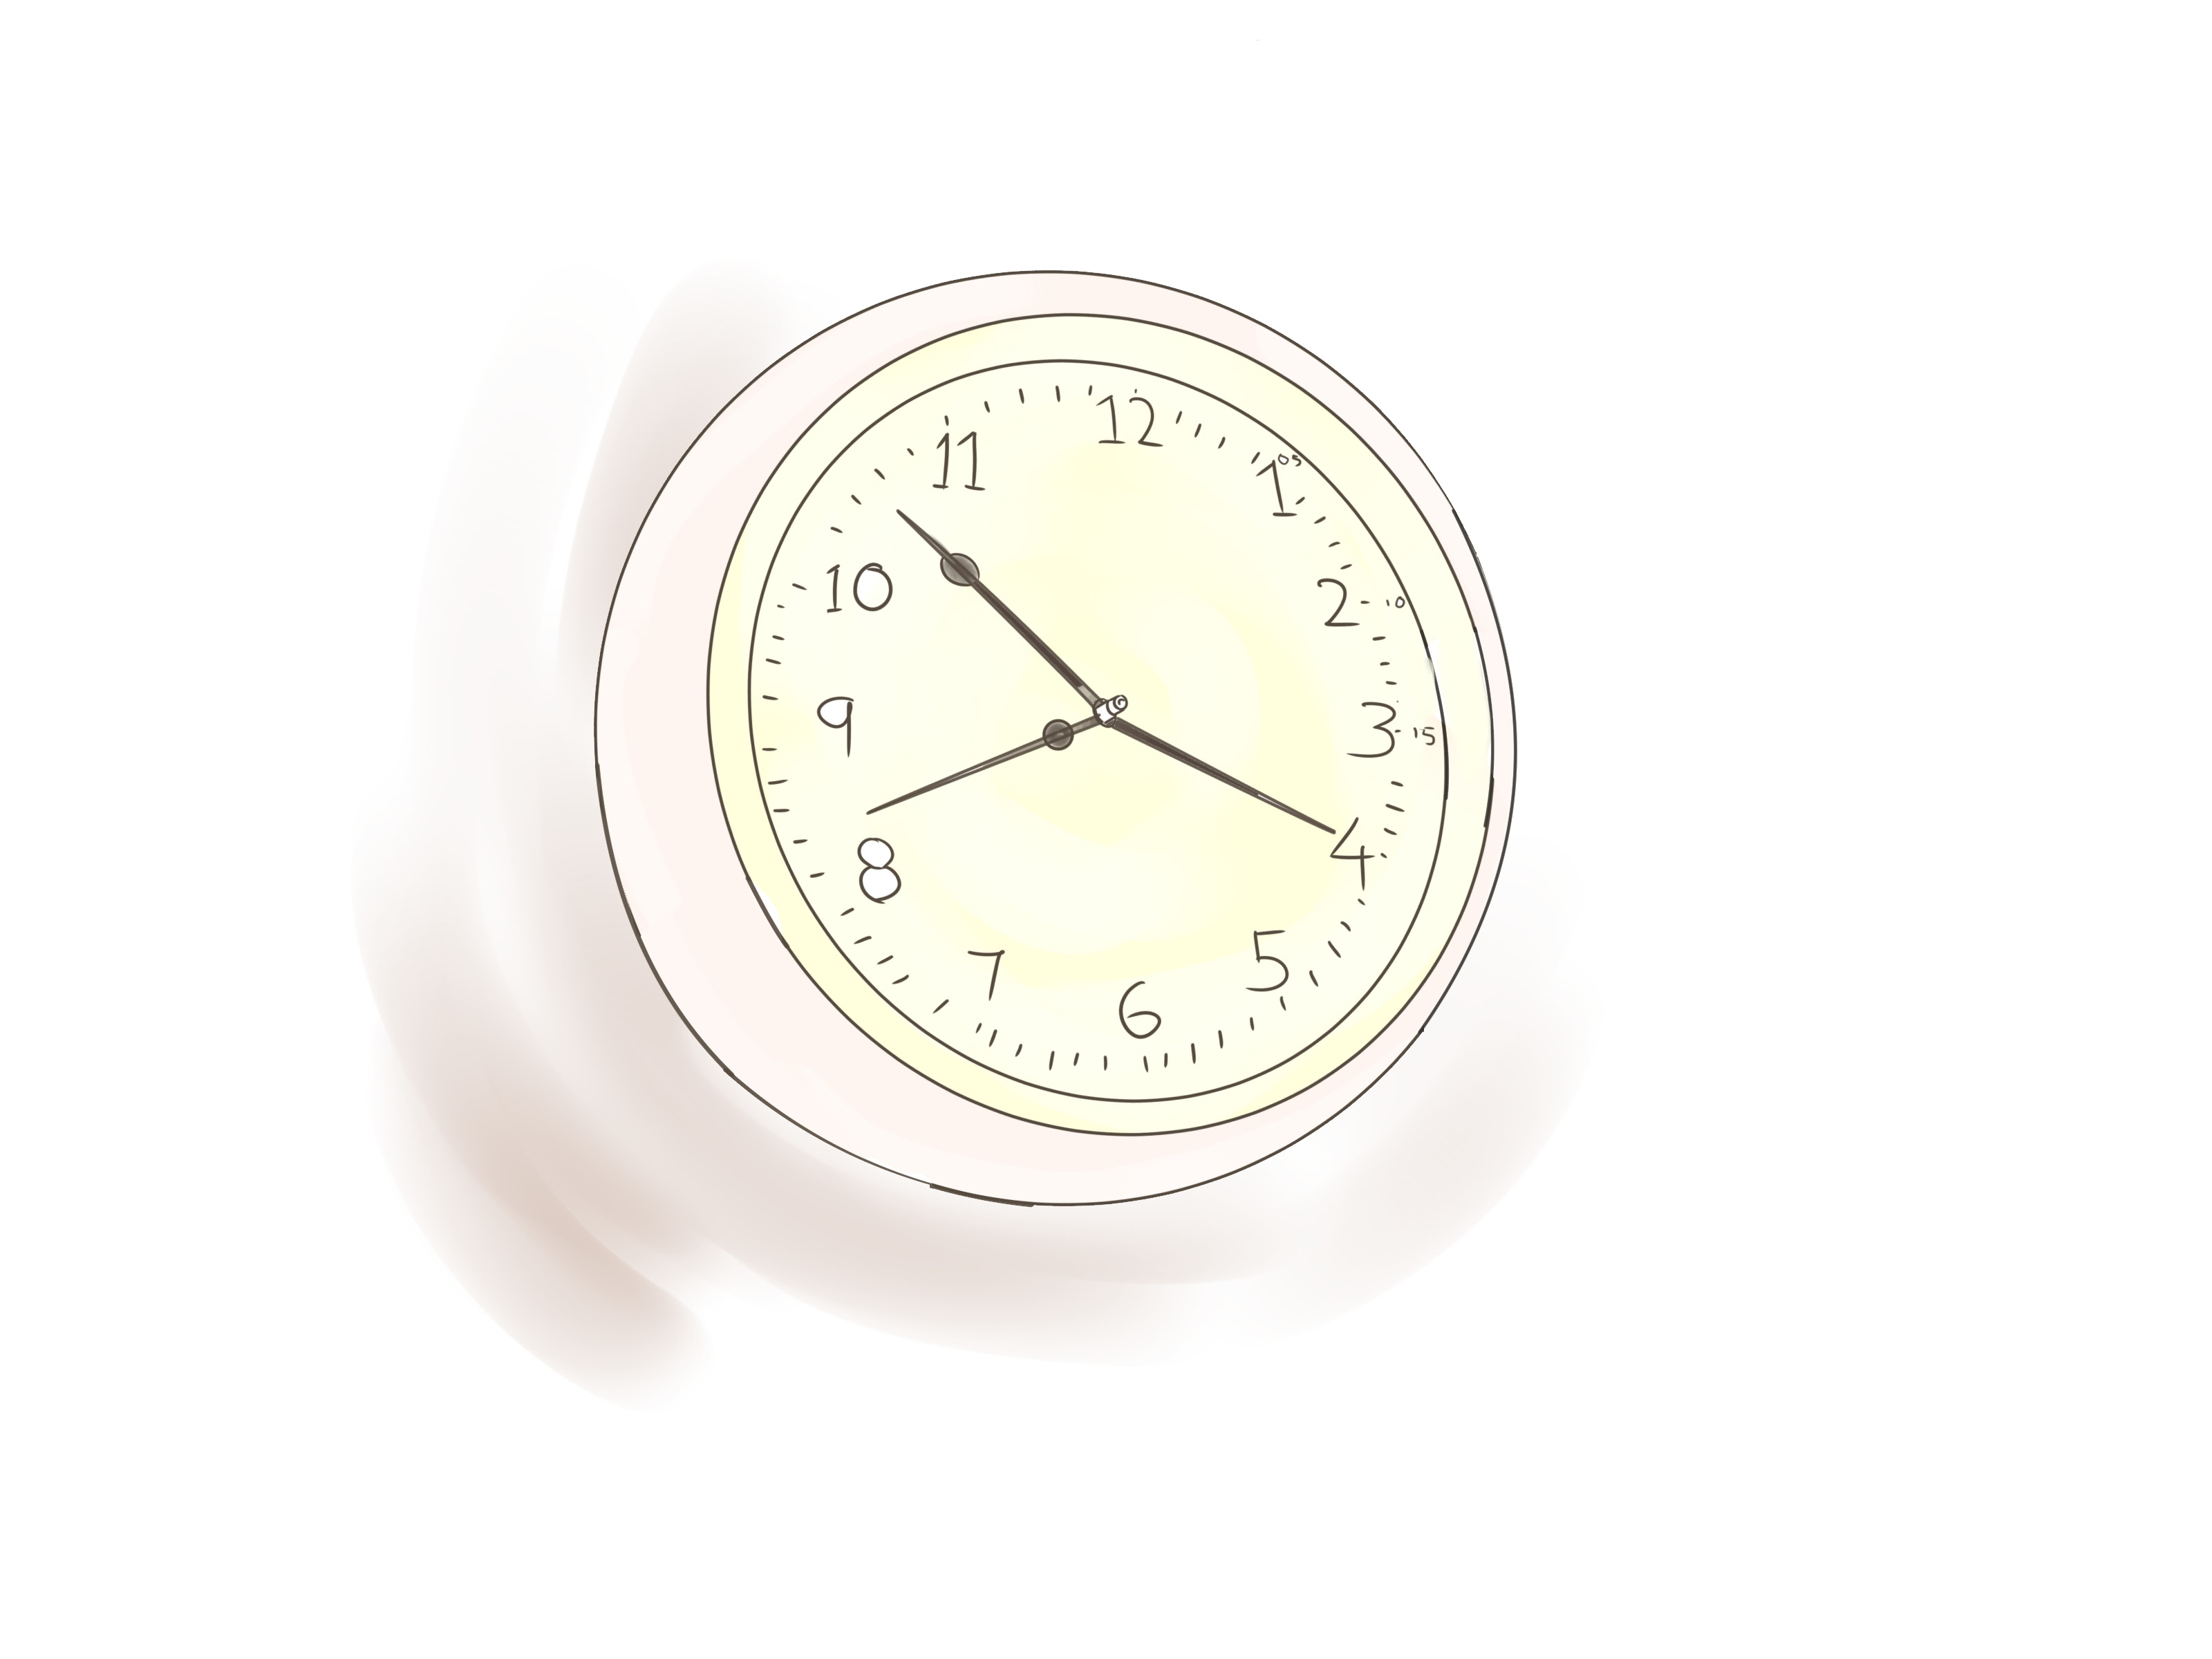 Dicion Useful Battery Operated Clock Repair